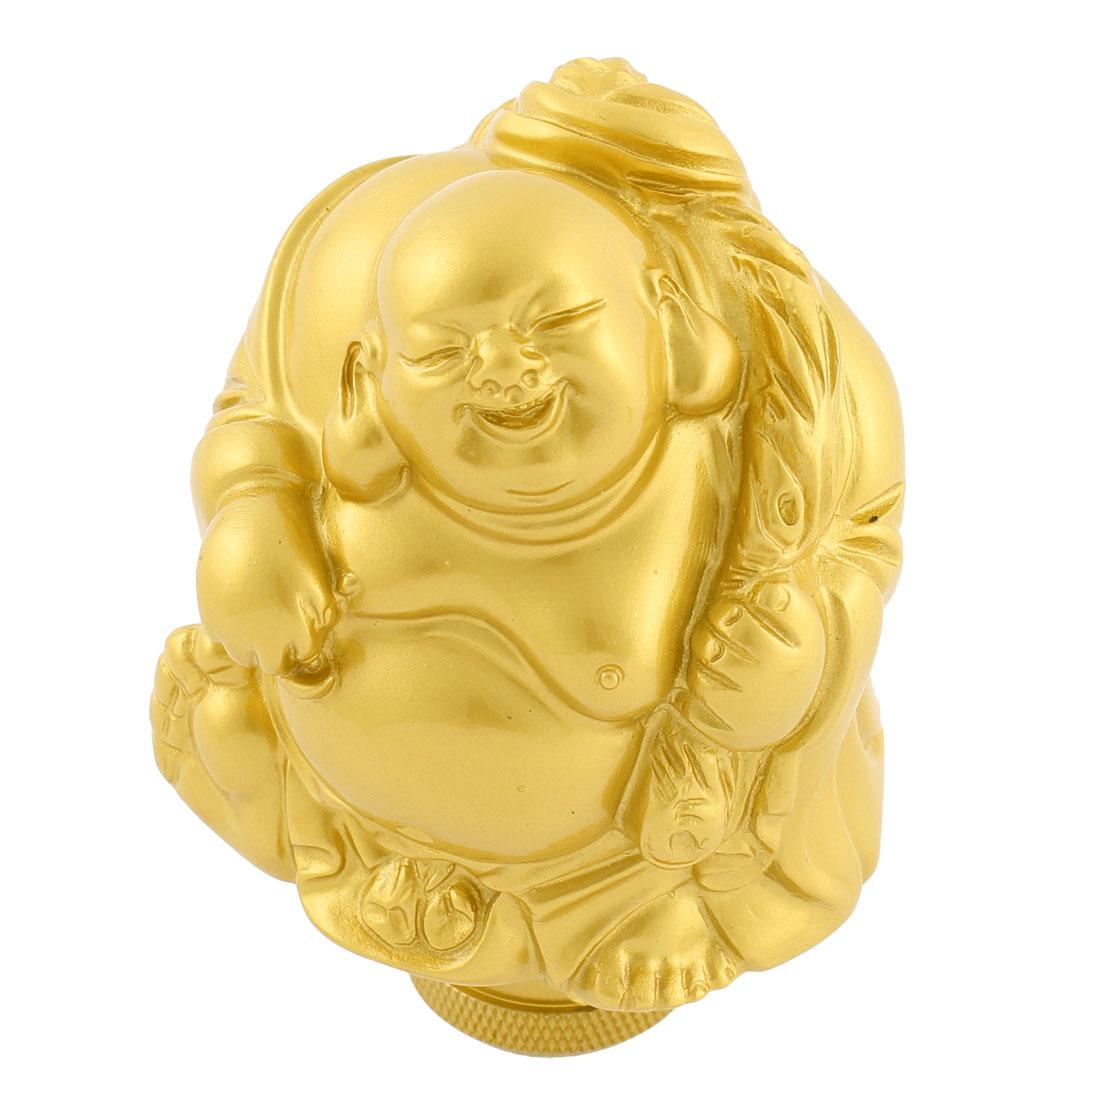 Univesal Gold Tone Buddha Shape Car Manual Gear Shift Lever Knob Shifter Stick